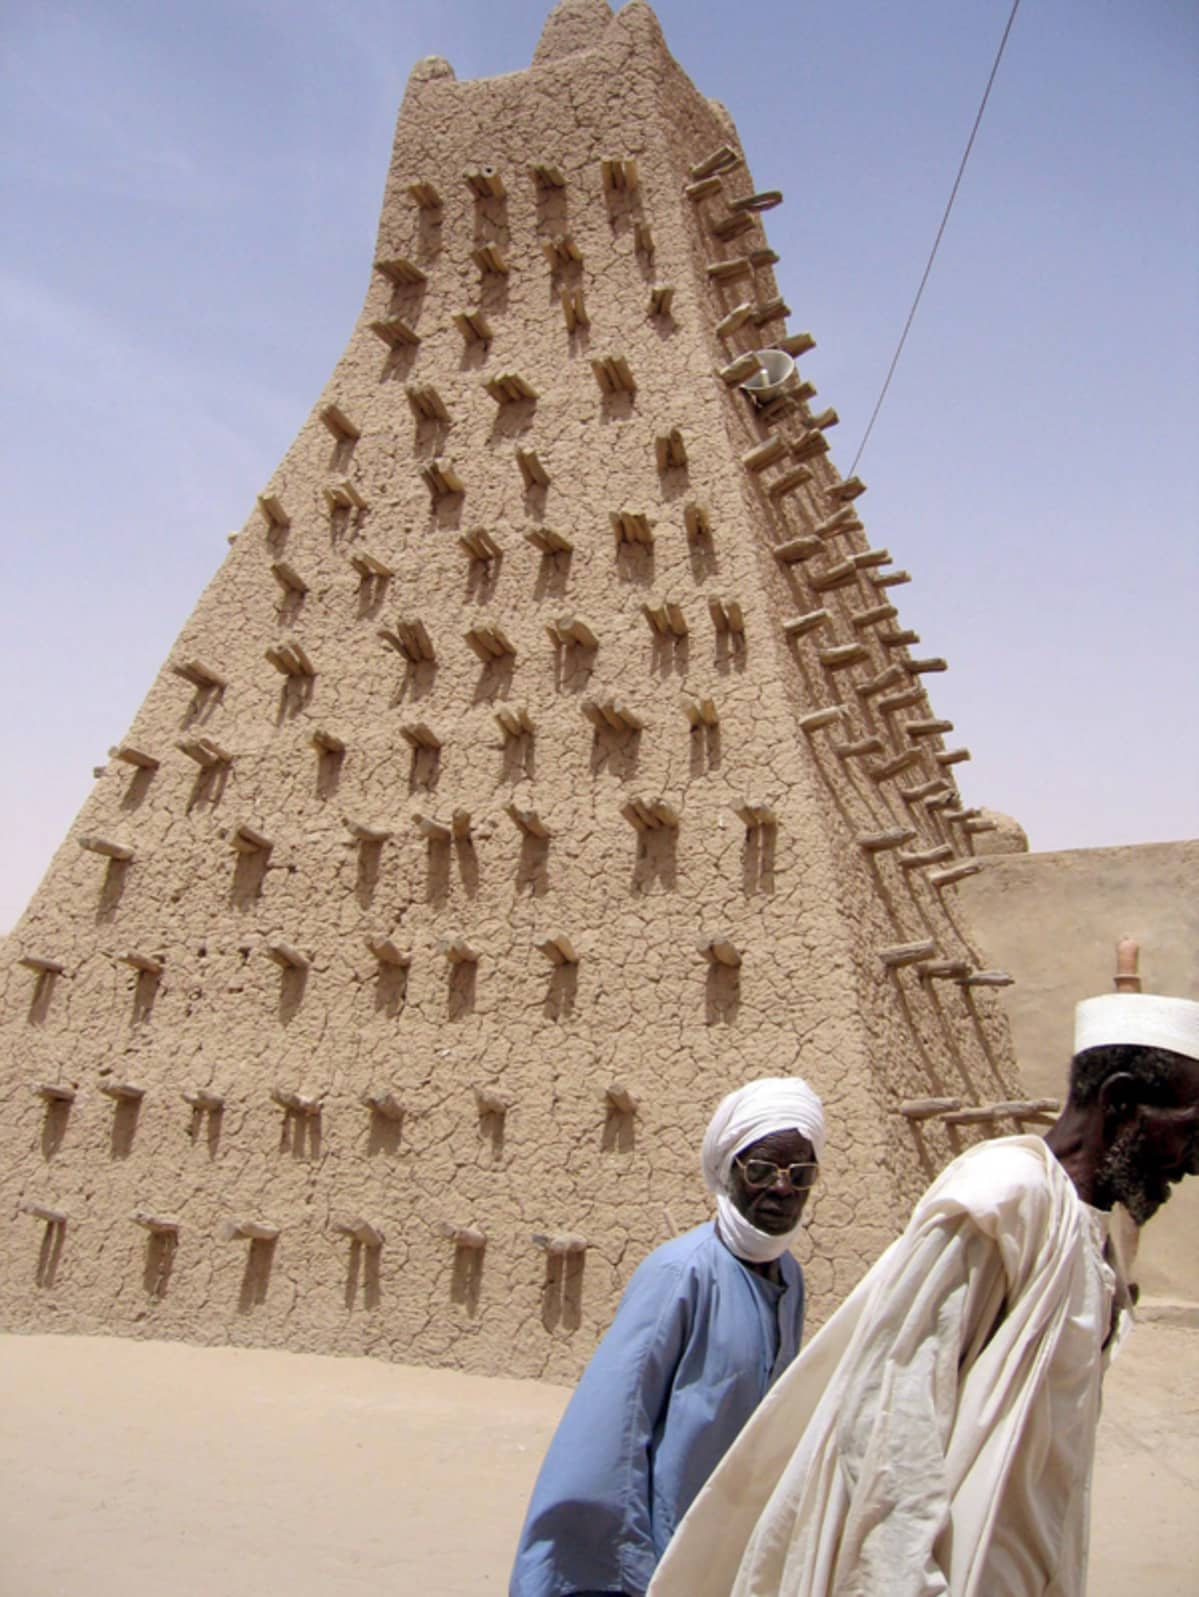 Sidi Yahya -moskeijan minaretti Timbuktussa. Timbuktu on yksi UNESCOn maailmanperintökohteista.